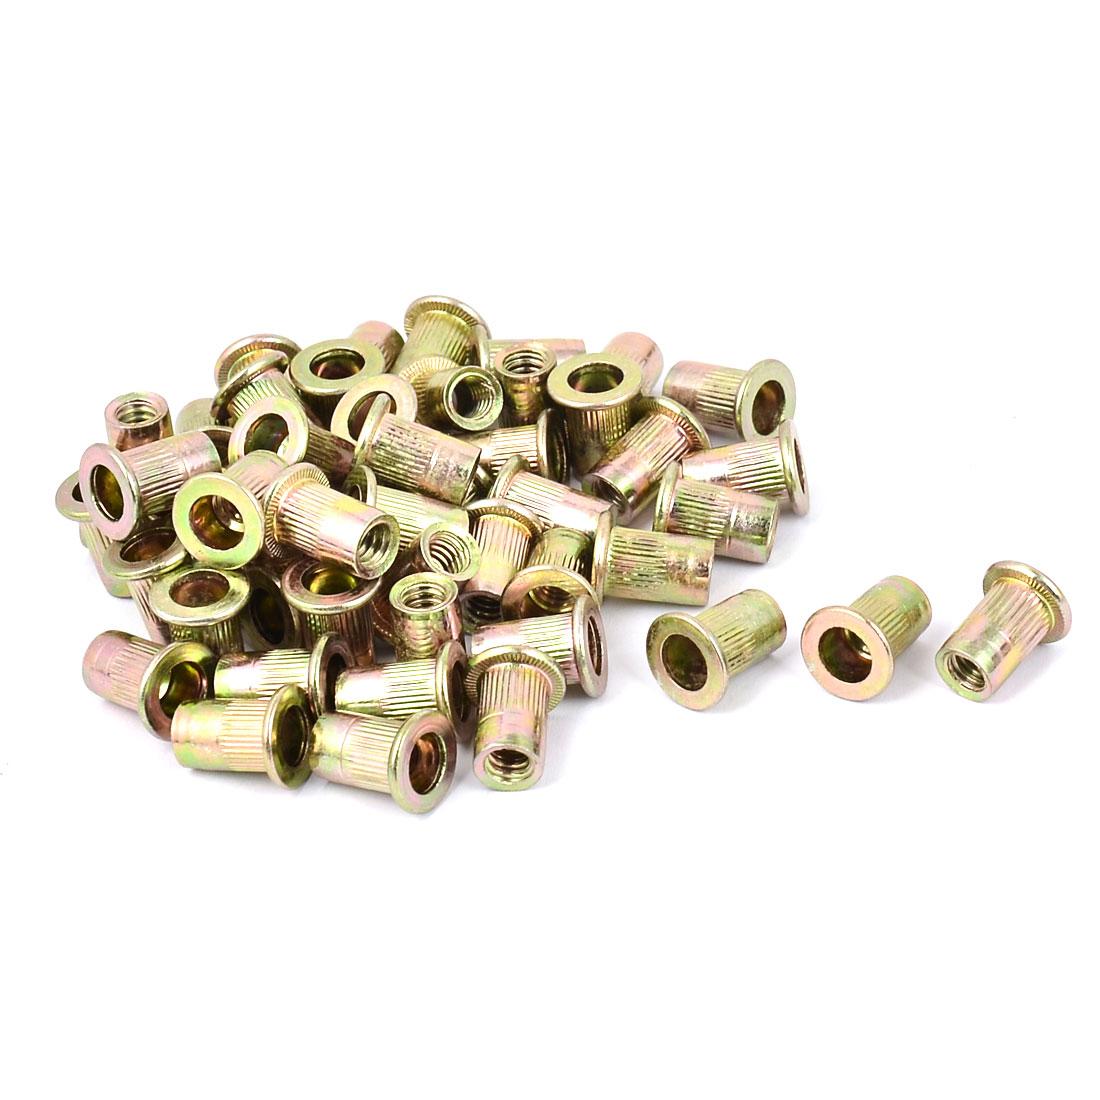 1/4 Inch Thread Dia Metal Rivet Nut Insert Nutsert 50pcs